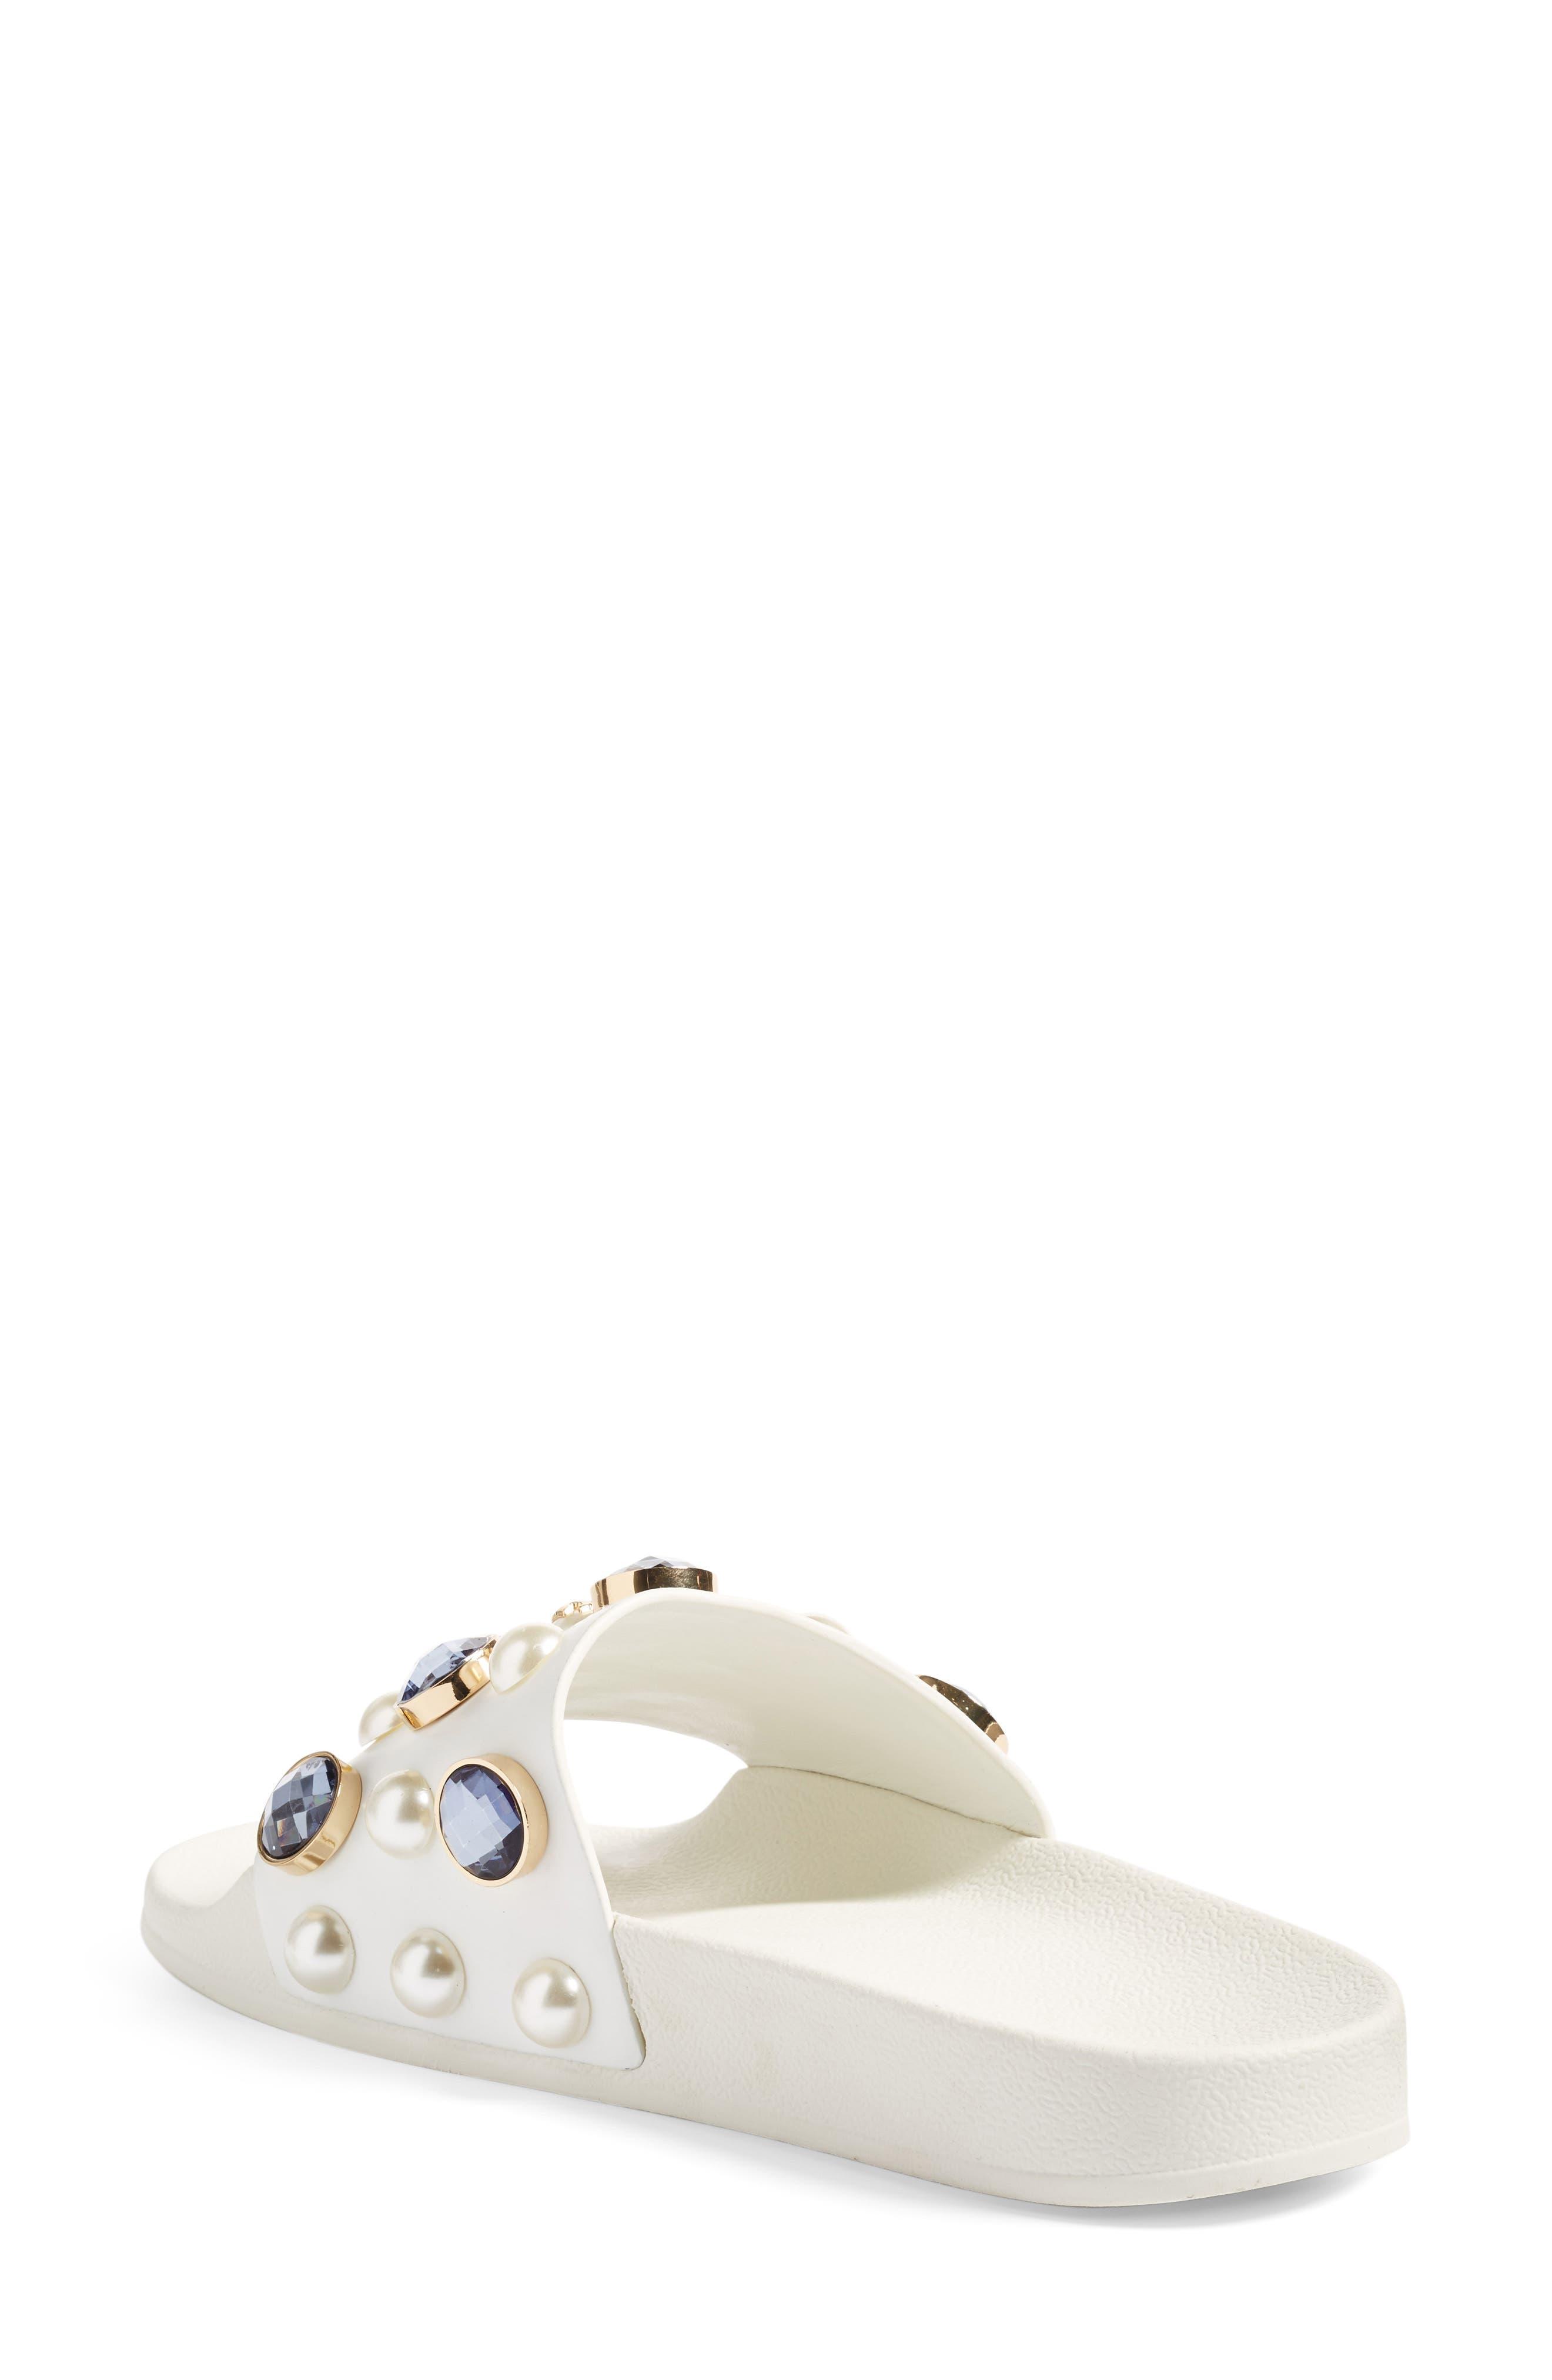 Vail Embellished Slide Sandal, Main, color, 100